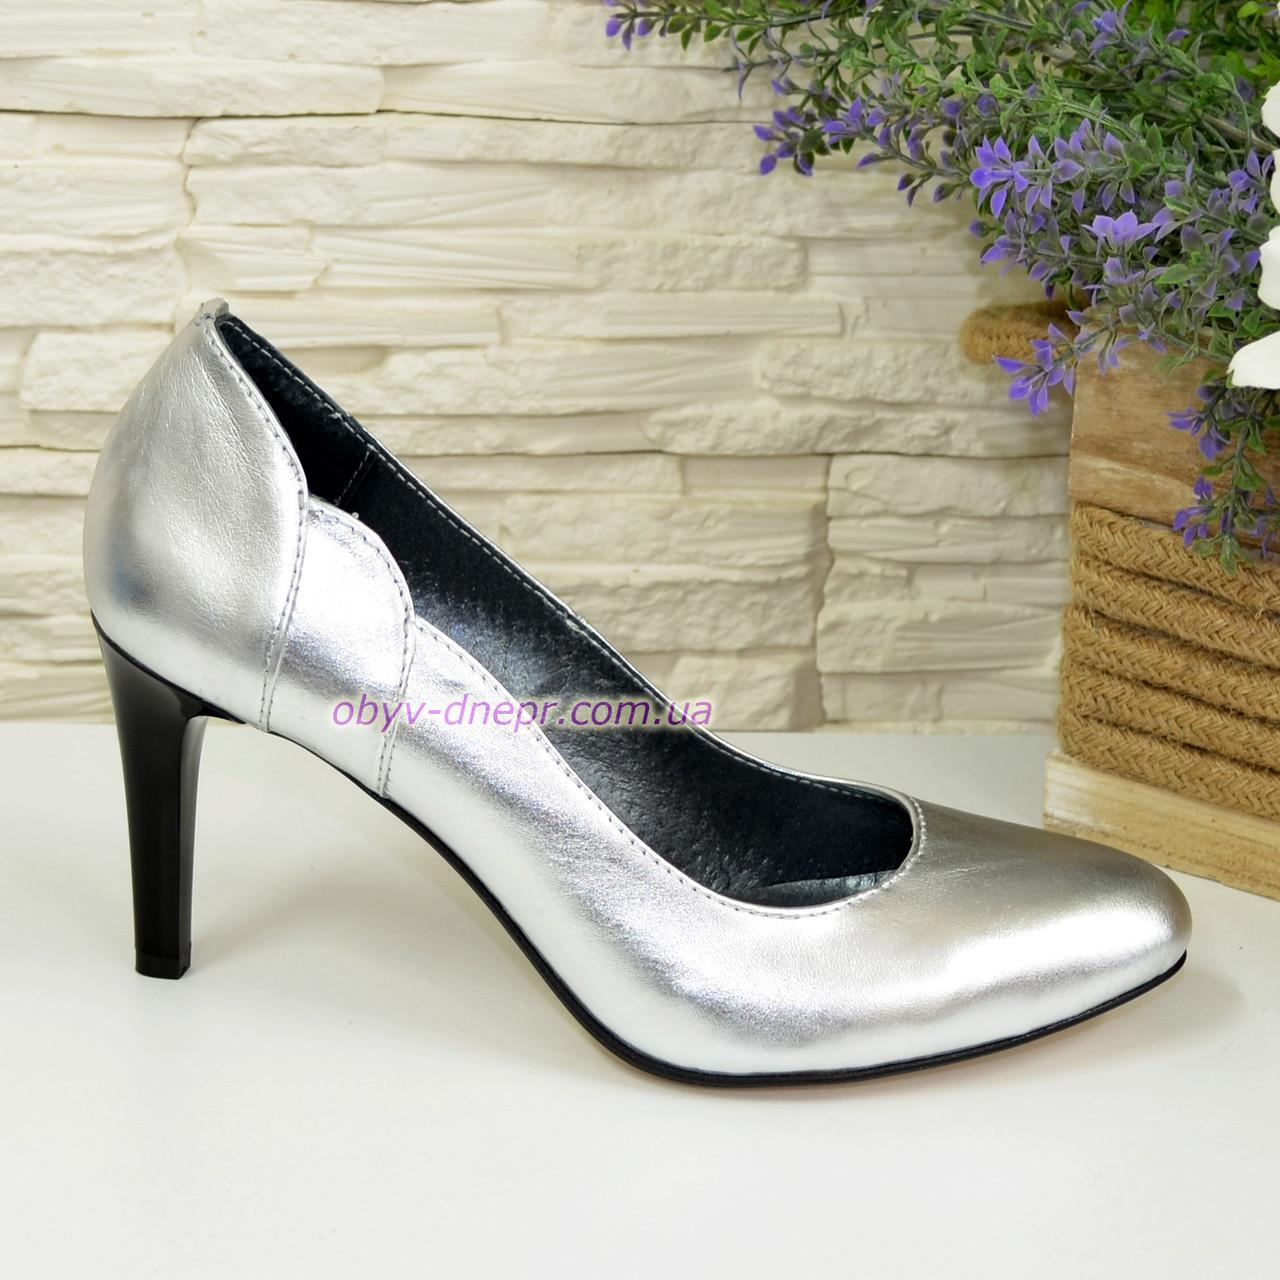 Туфли женские кожаные серебристые на шпильке, фото 1